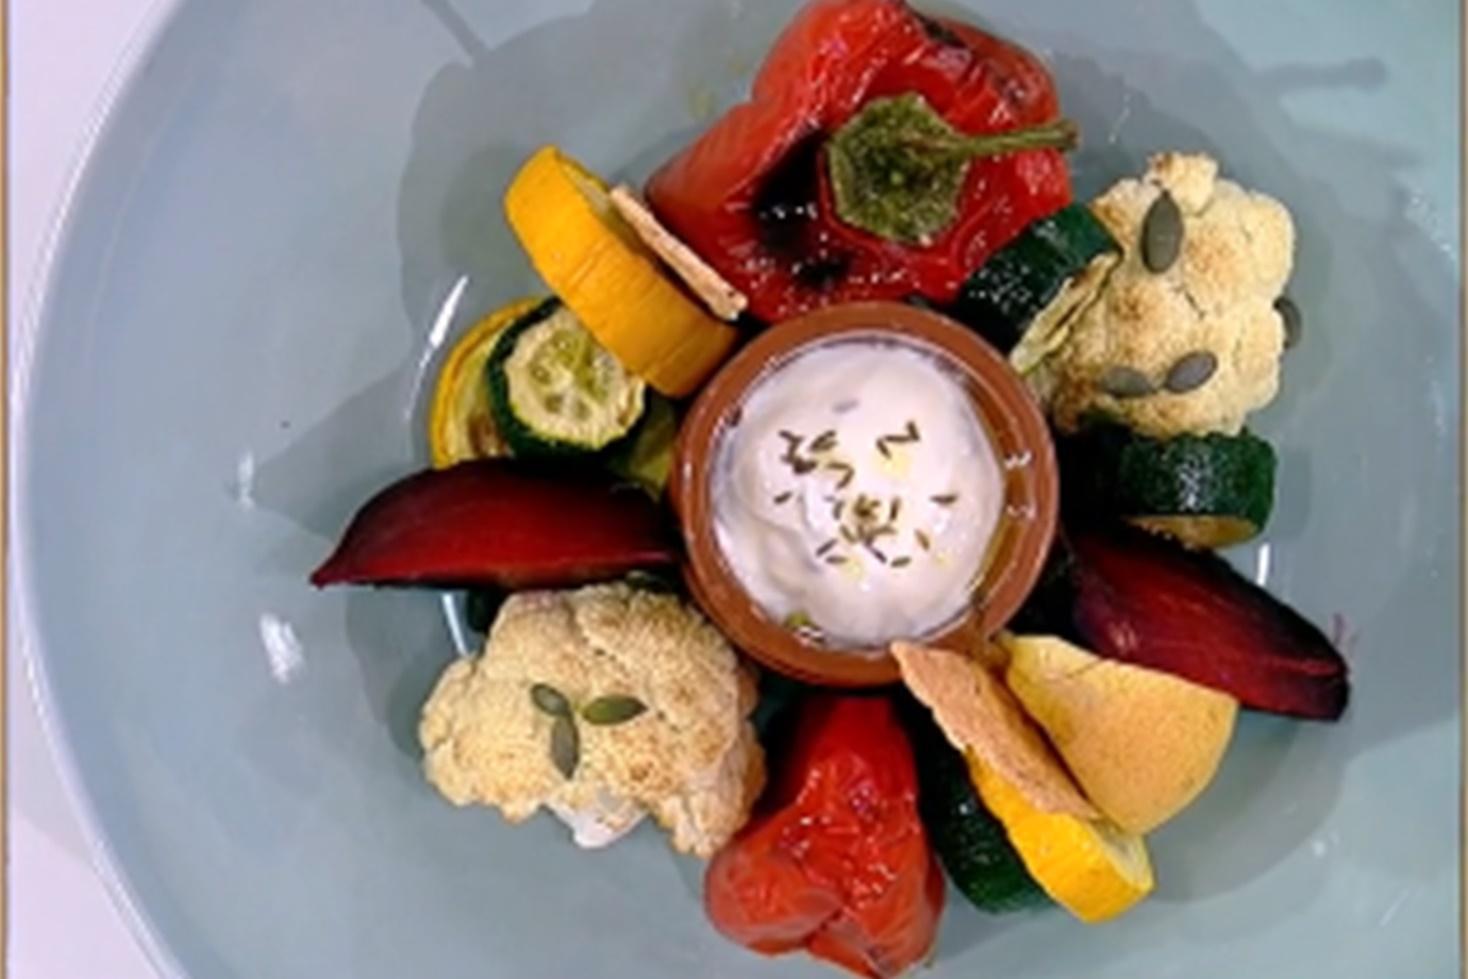 Rețetă de salată caldă cu legume coapte la cuptor și sos de iaurt cu brânză